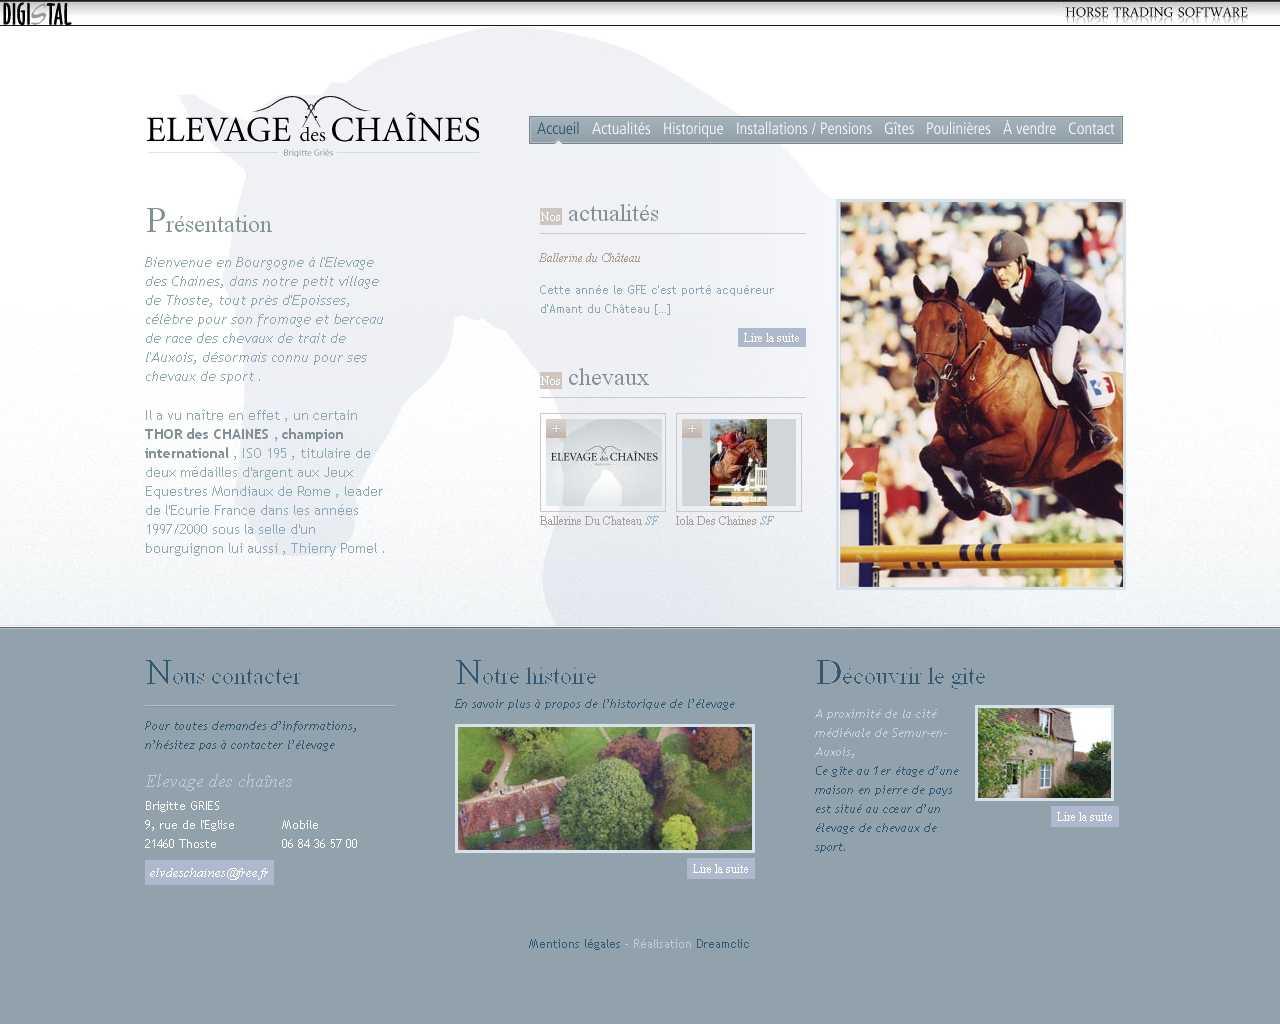 Visuel du site Elevage des chaînes